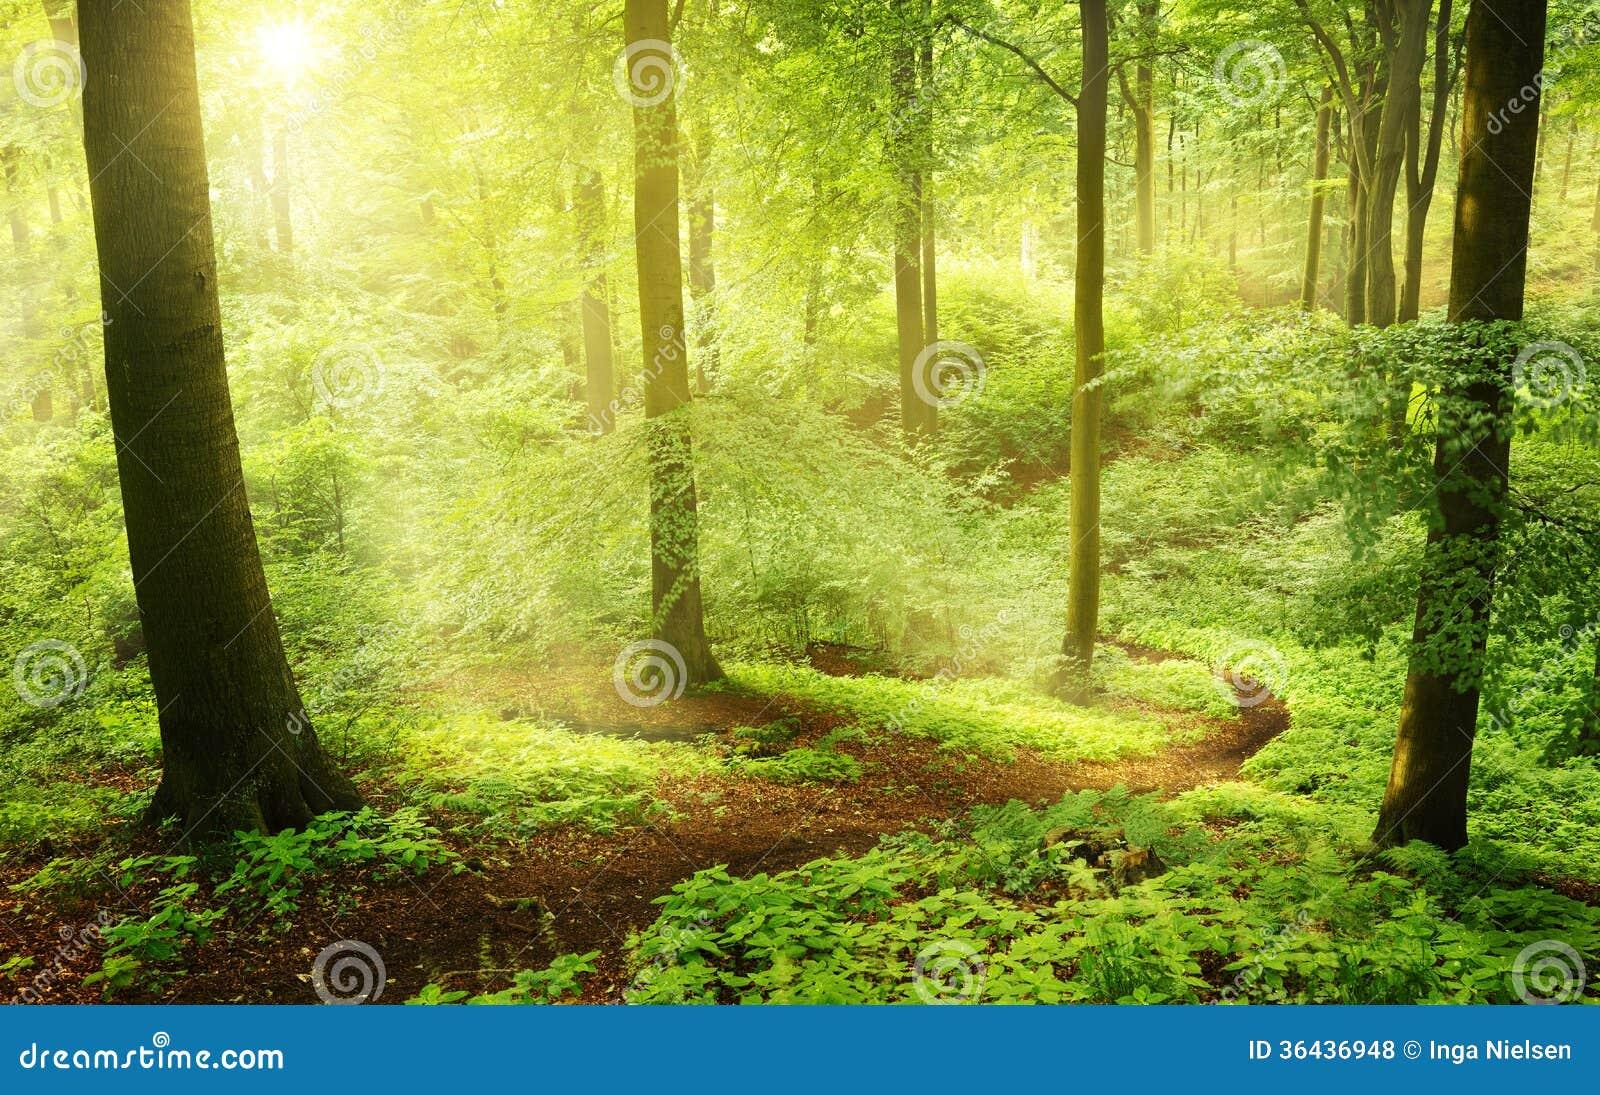 早晨在一个绿色夏天森林里